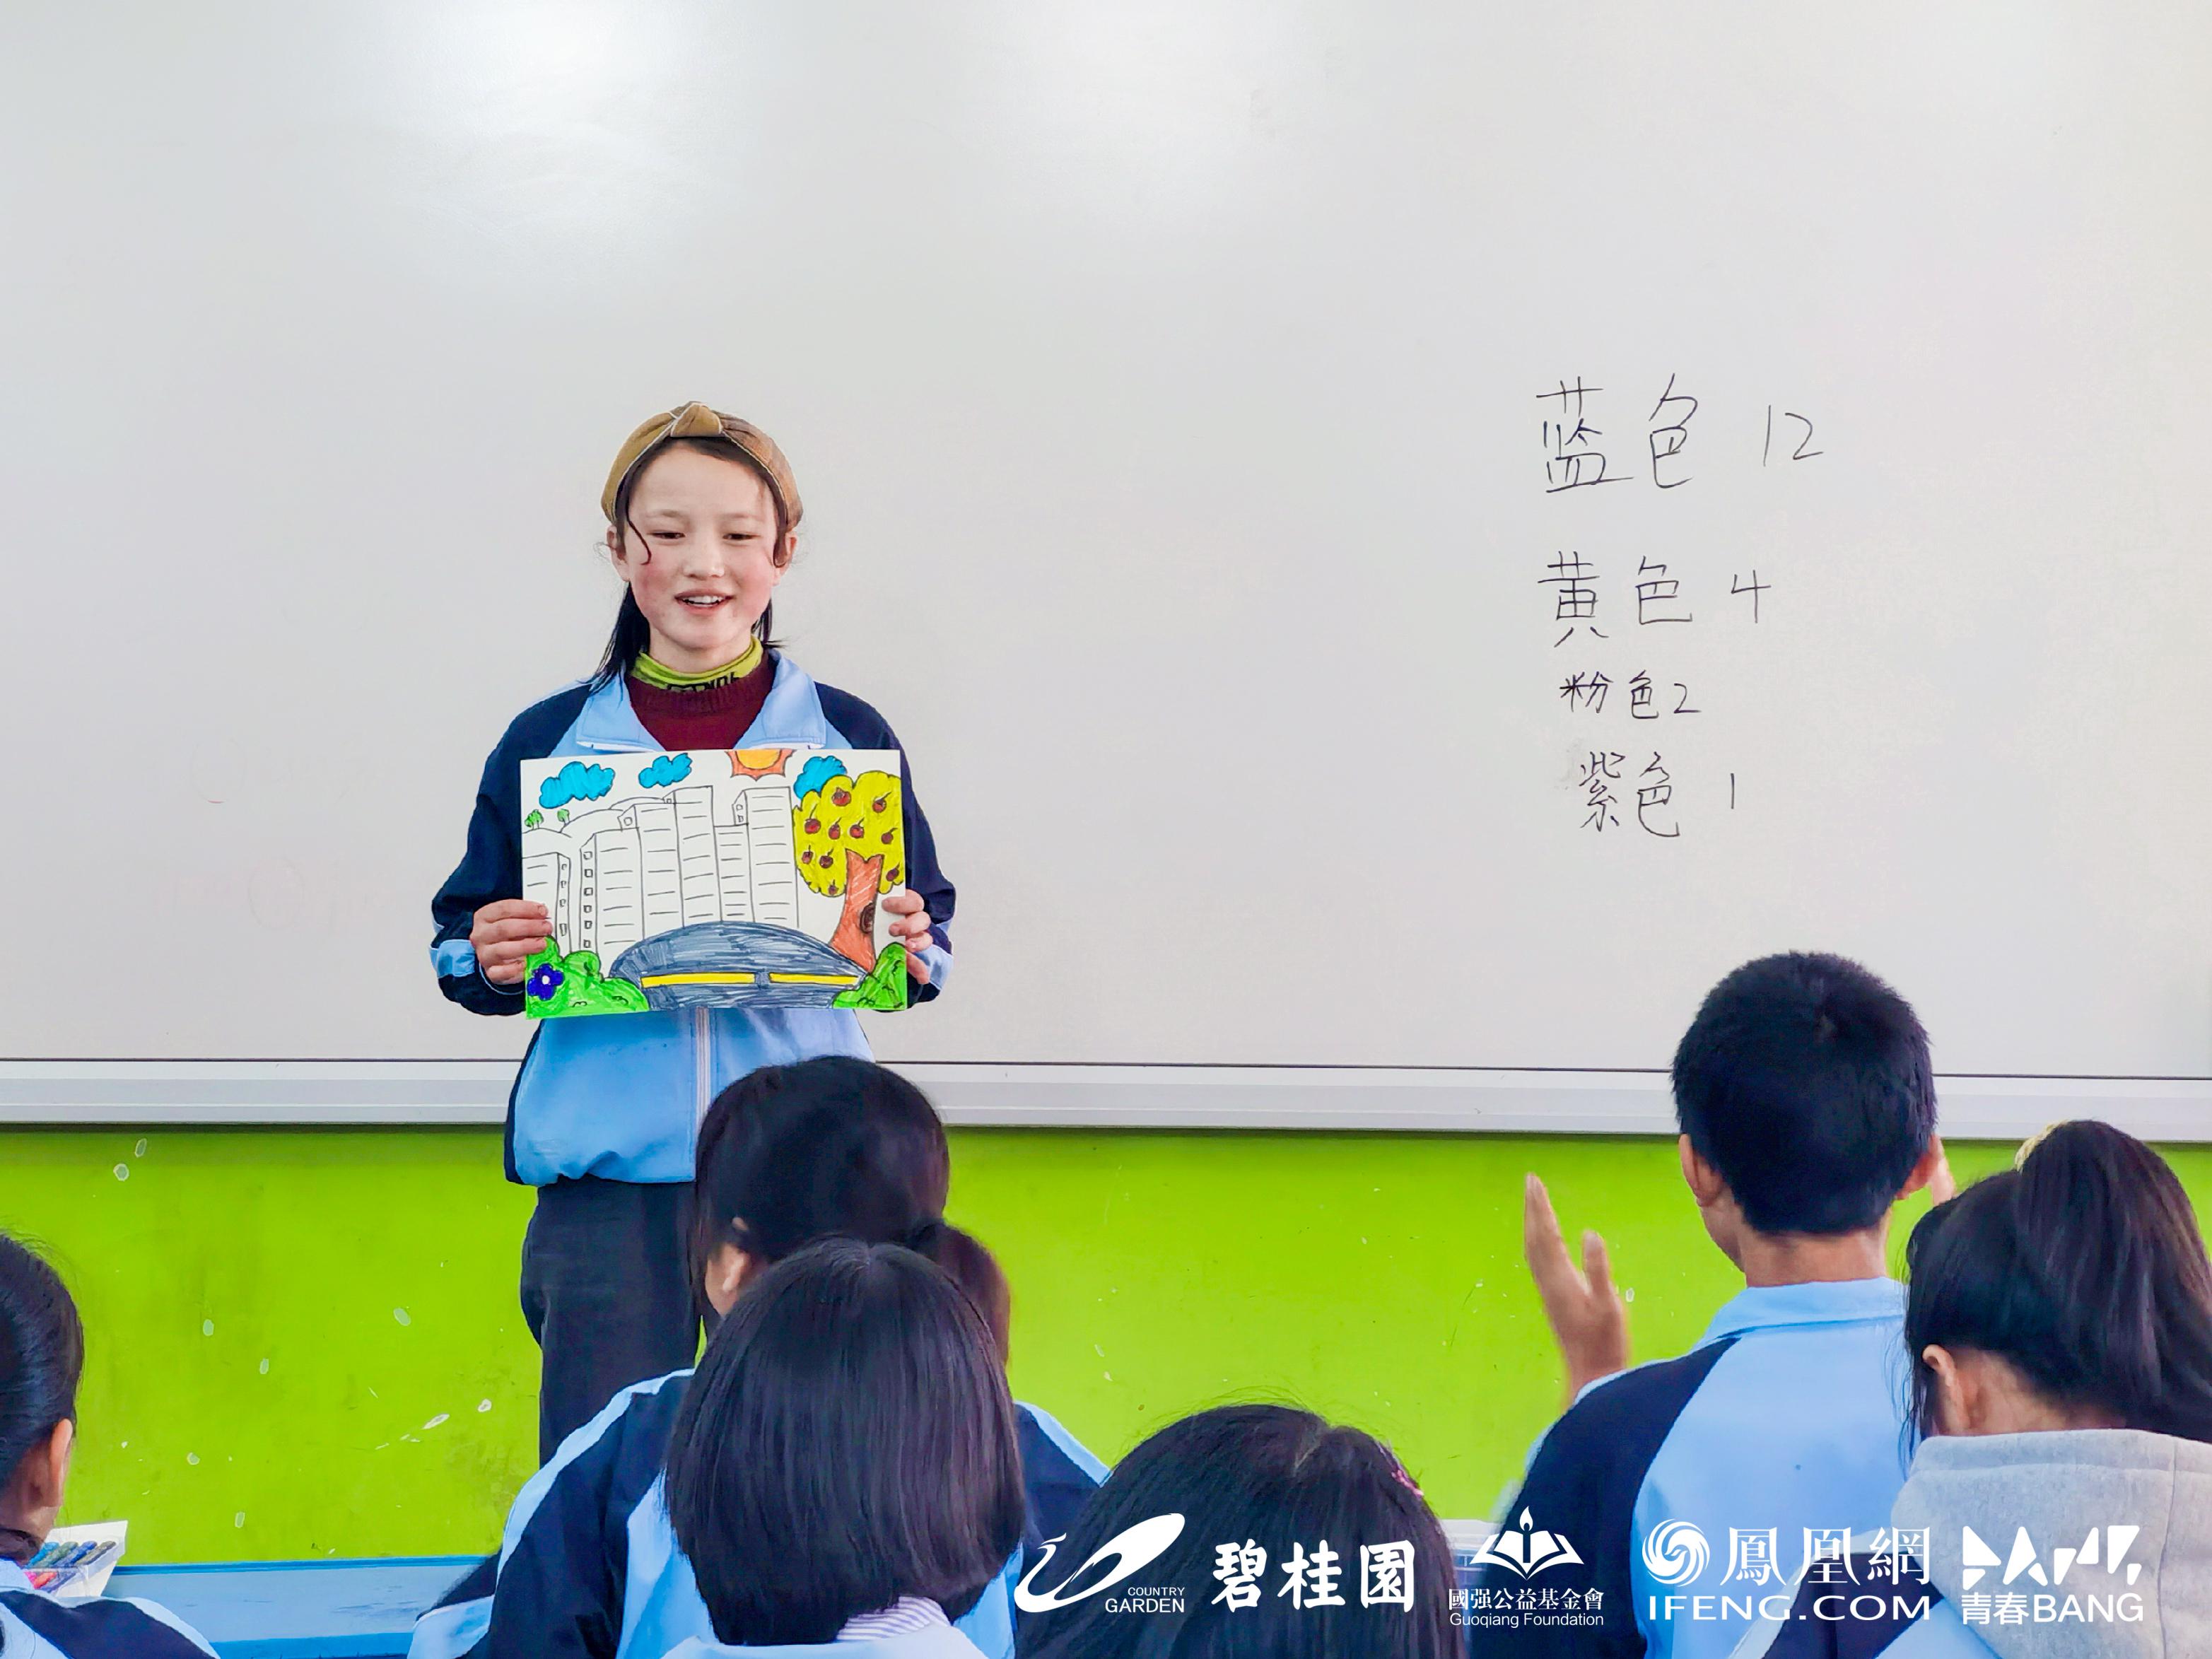 学生展示自己的作品